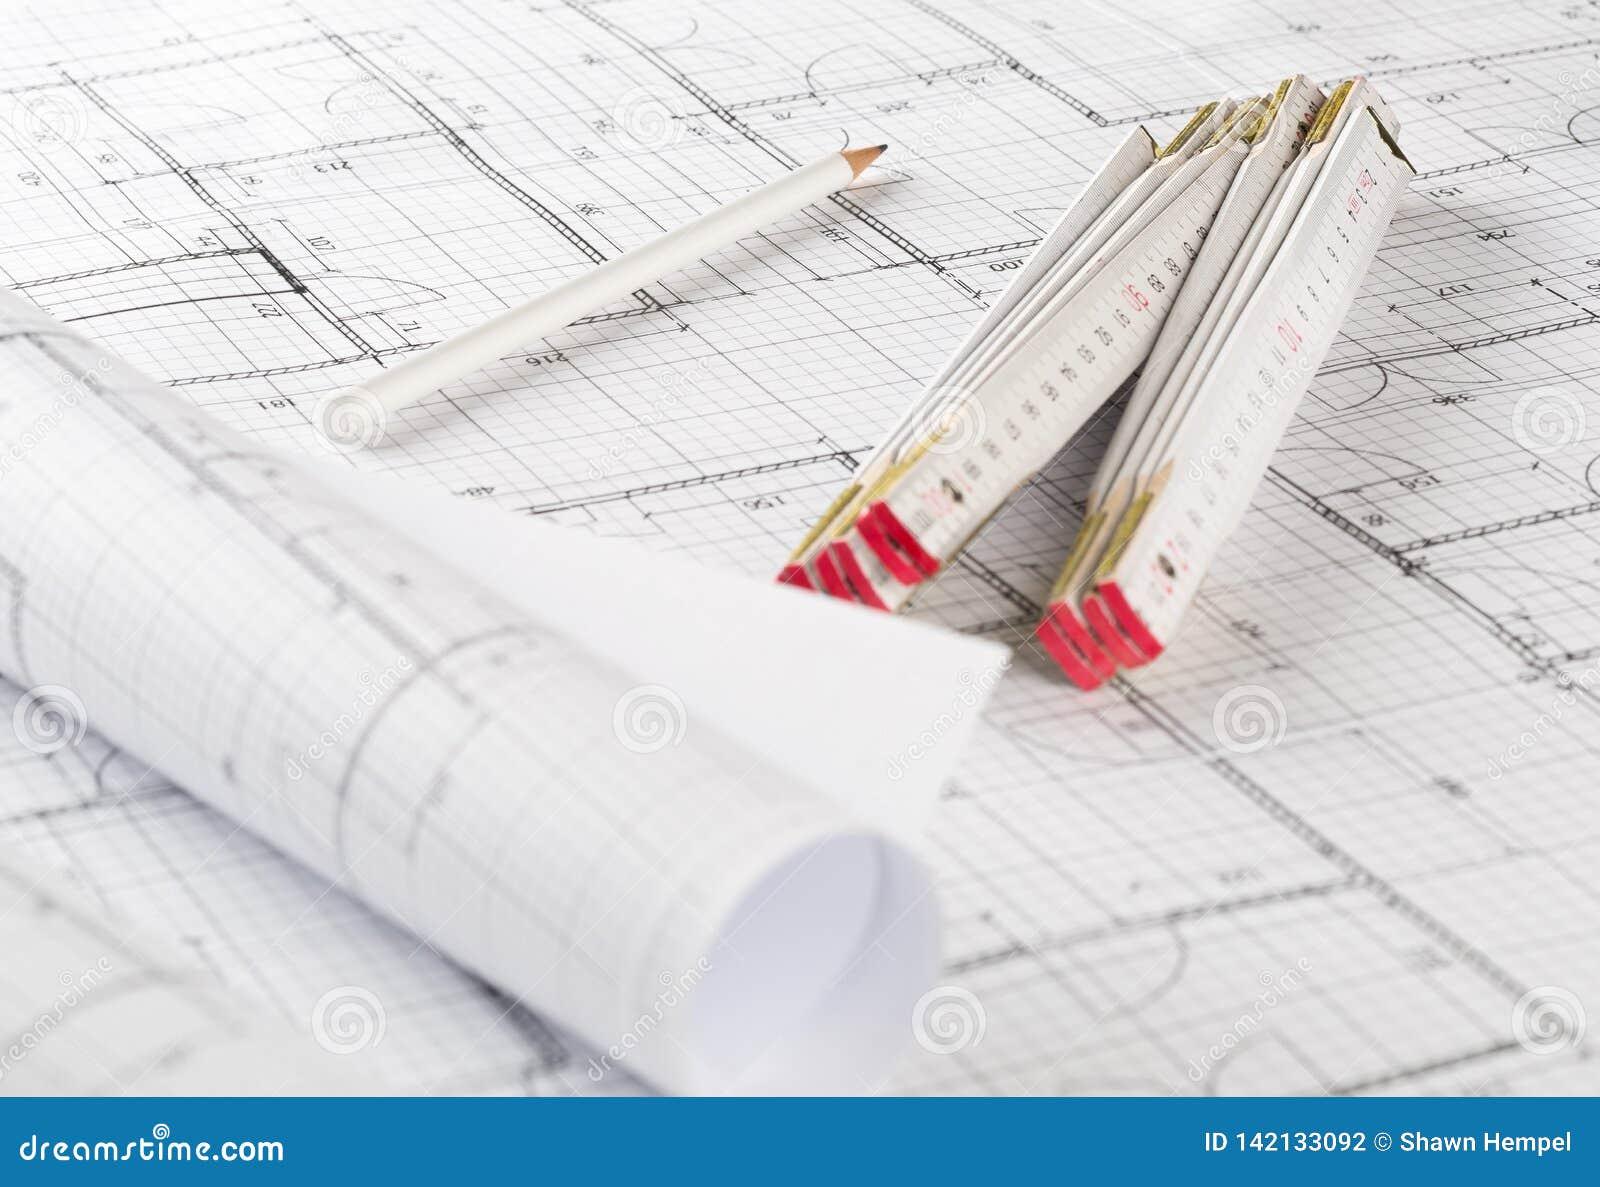 Rolls архитектурноакустических планов жилищного строительства светокопии с правителем карандаша и складчатости на предпосылке све